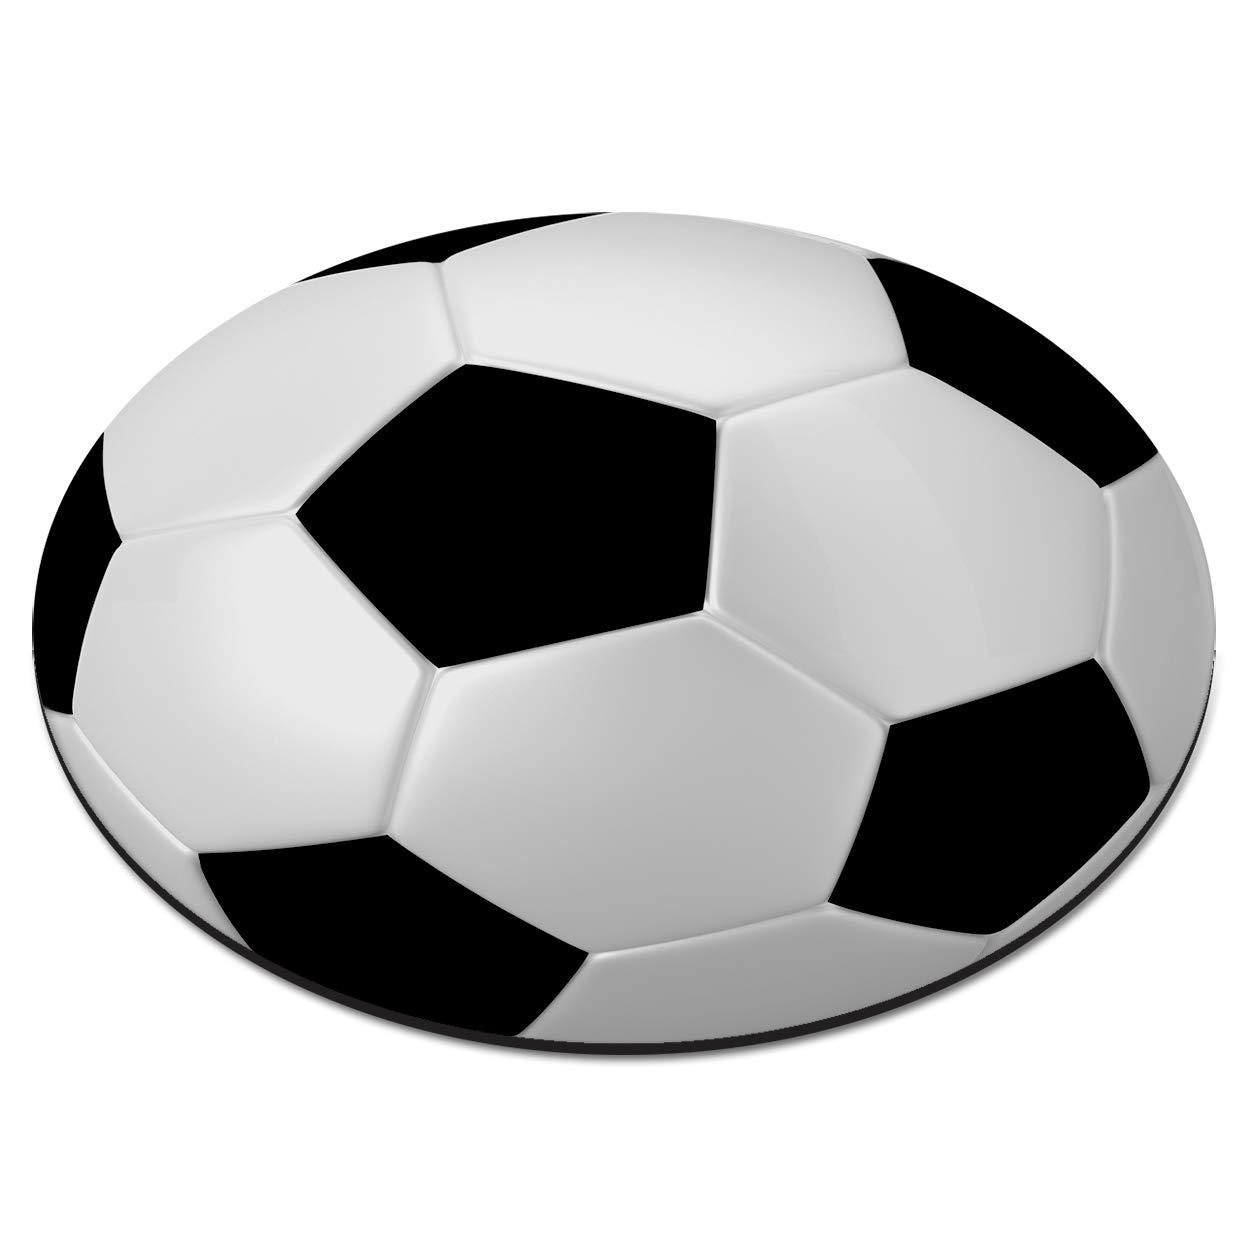 Balón Fútbol Circulares Alfombra Ratón Ordenador PC: Amazon.es: Hogar